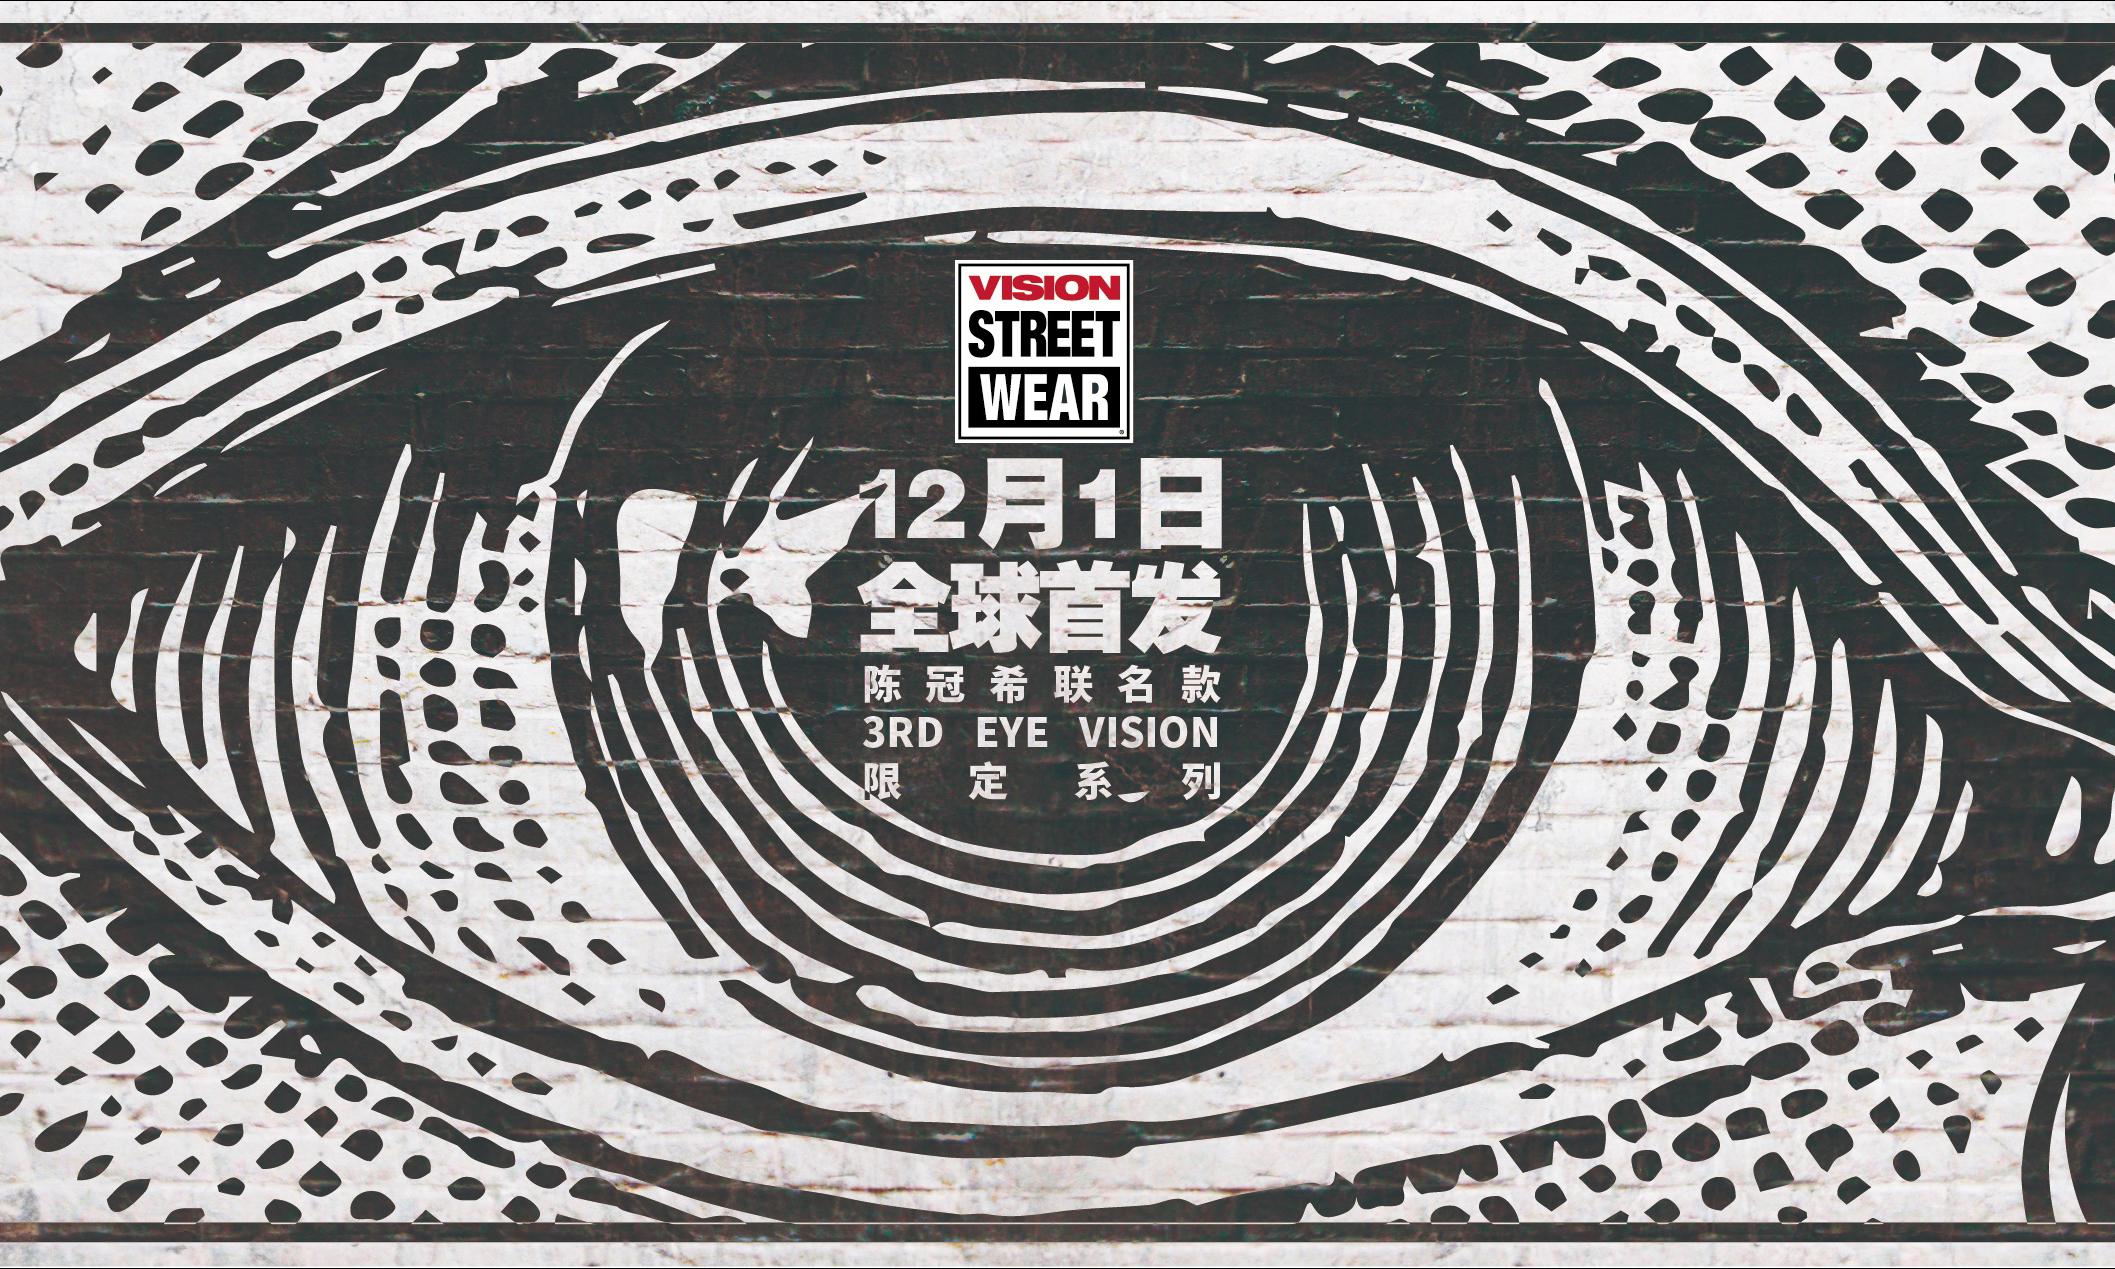 陈冠希 x Vision Street Wear 联名系列将于 12 月 1 日首发